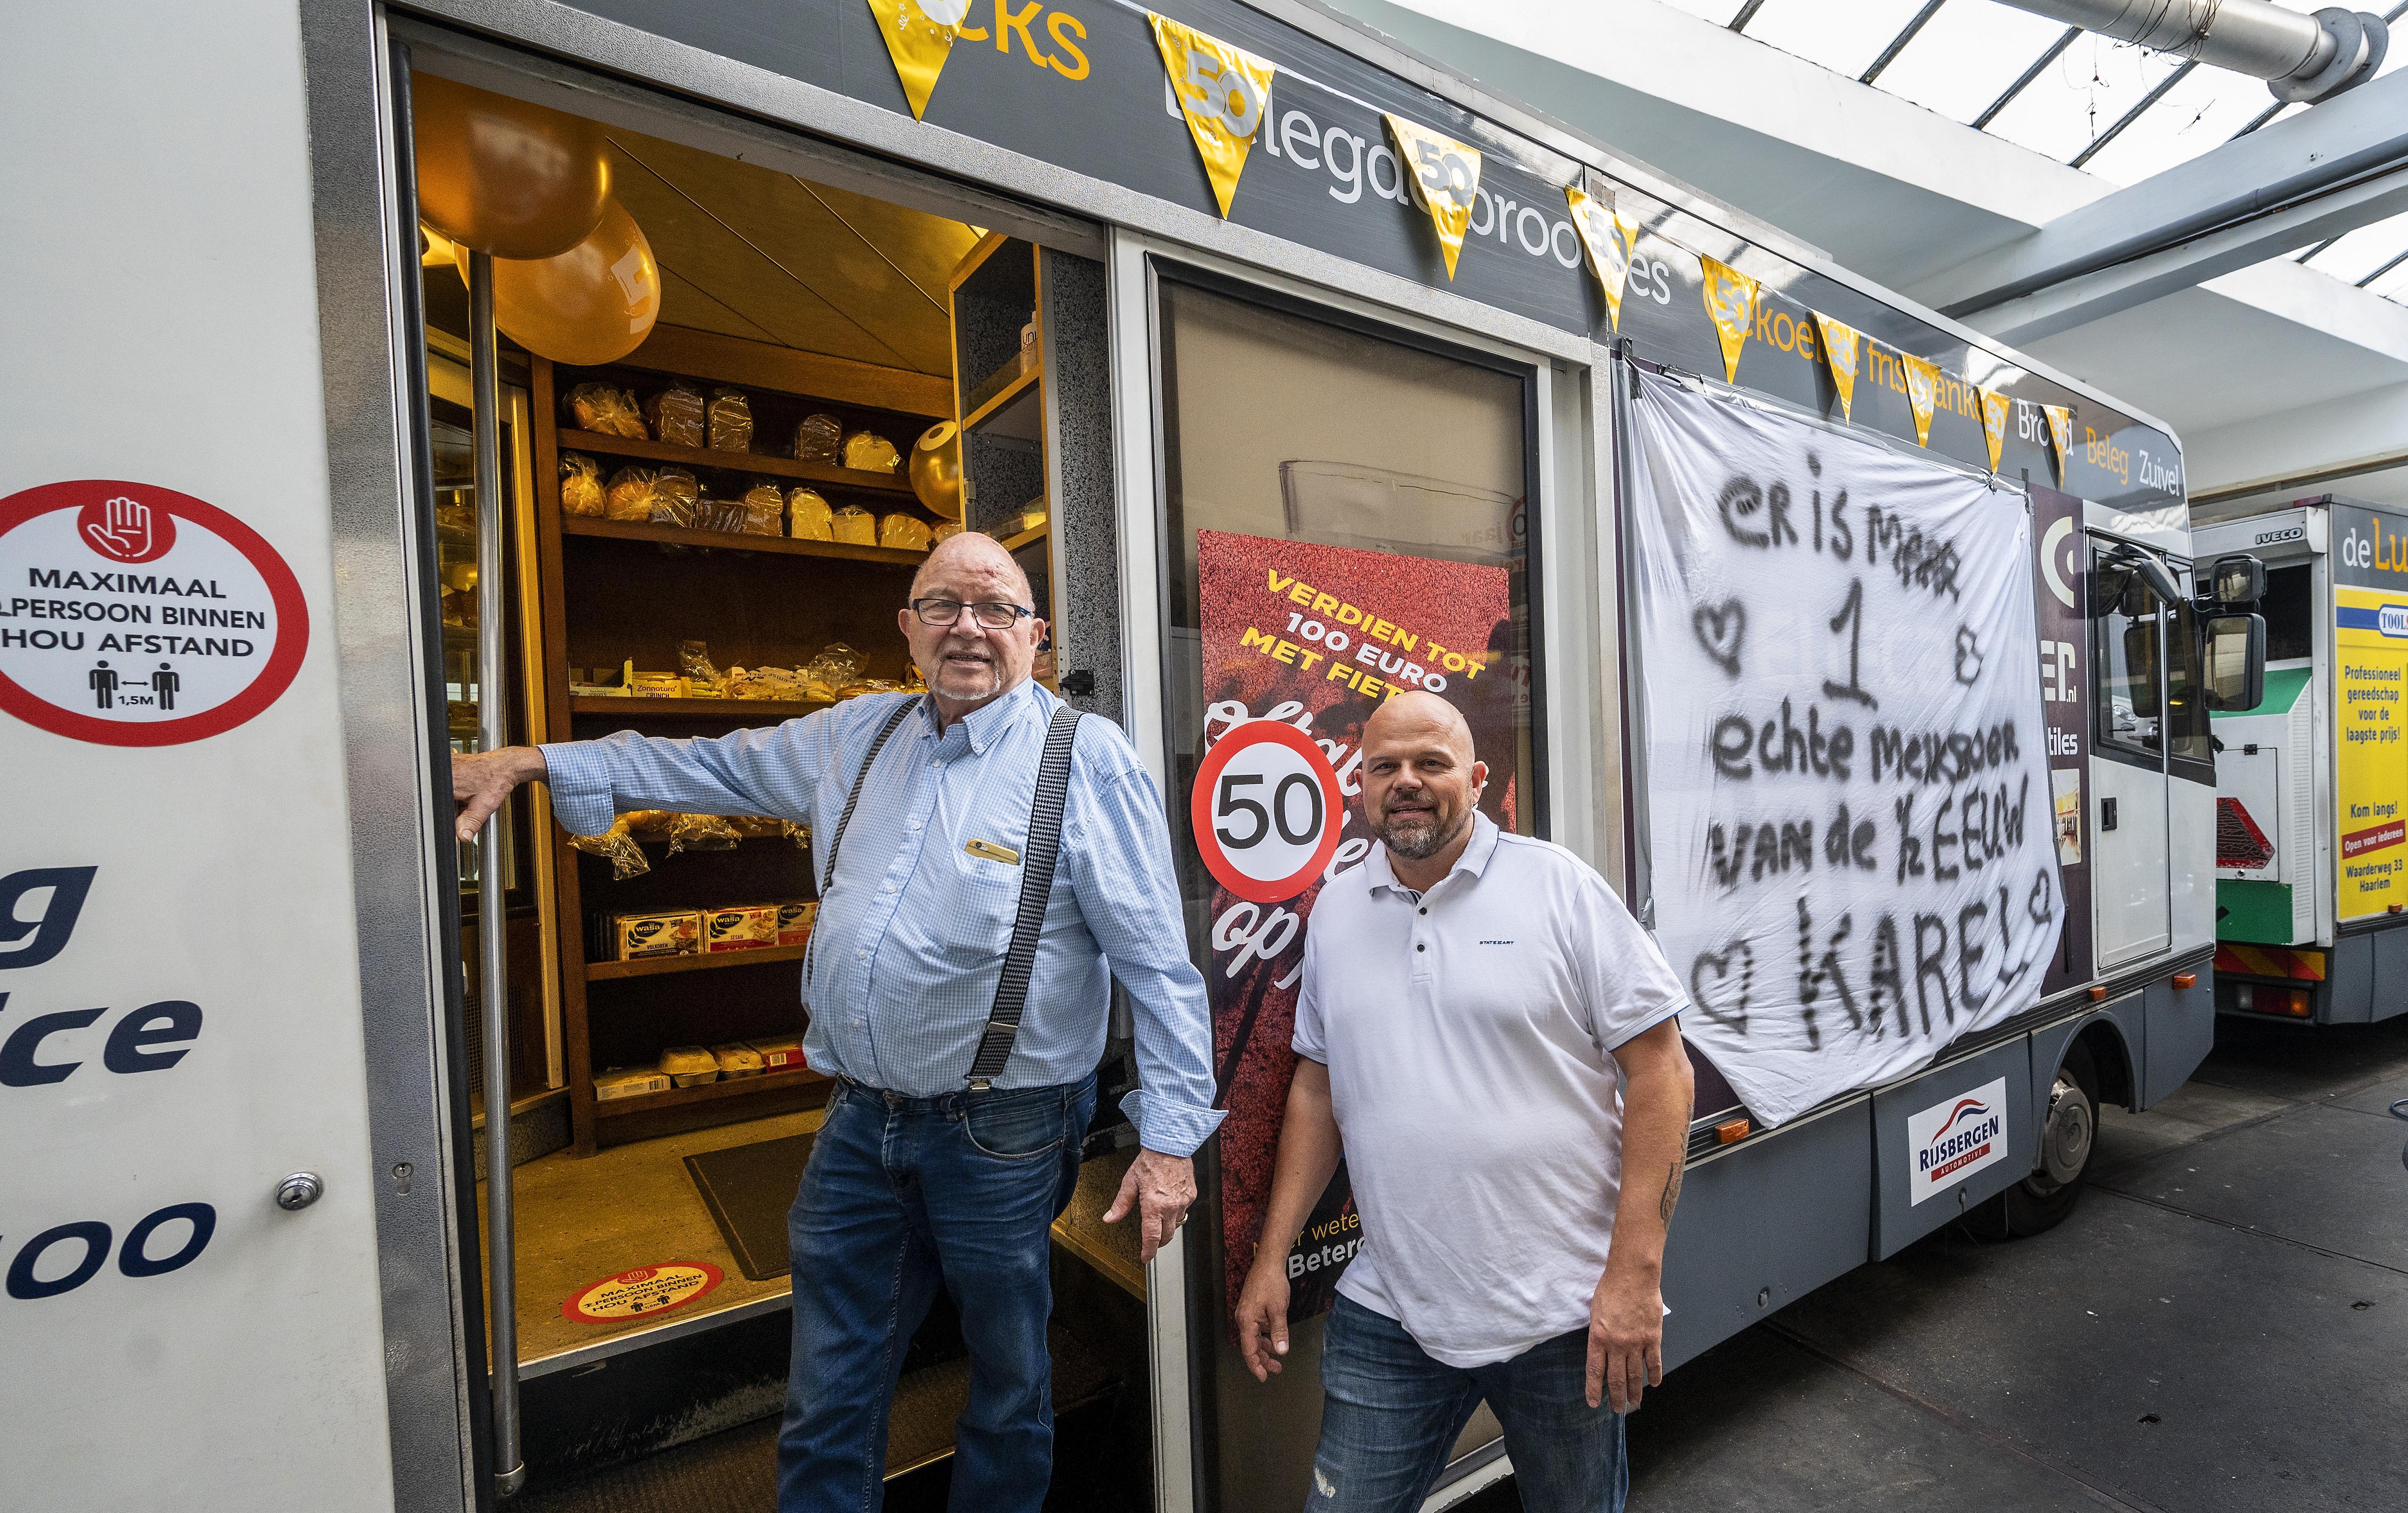 Karel van Opzeeland is 50 jaar 'melkboer' in Haarlem: 'Vroeger was het m'n werk, nu mijn hobby'